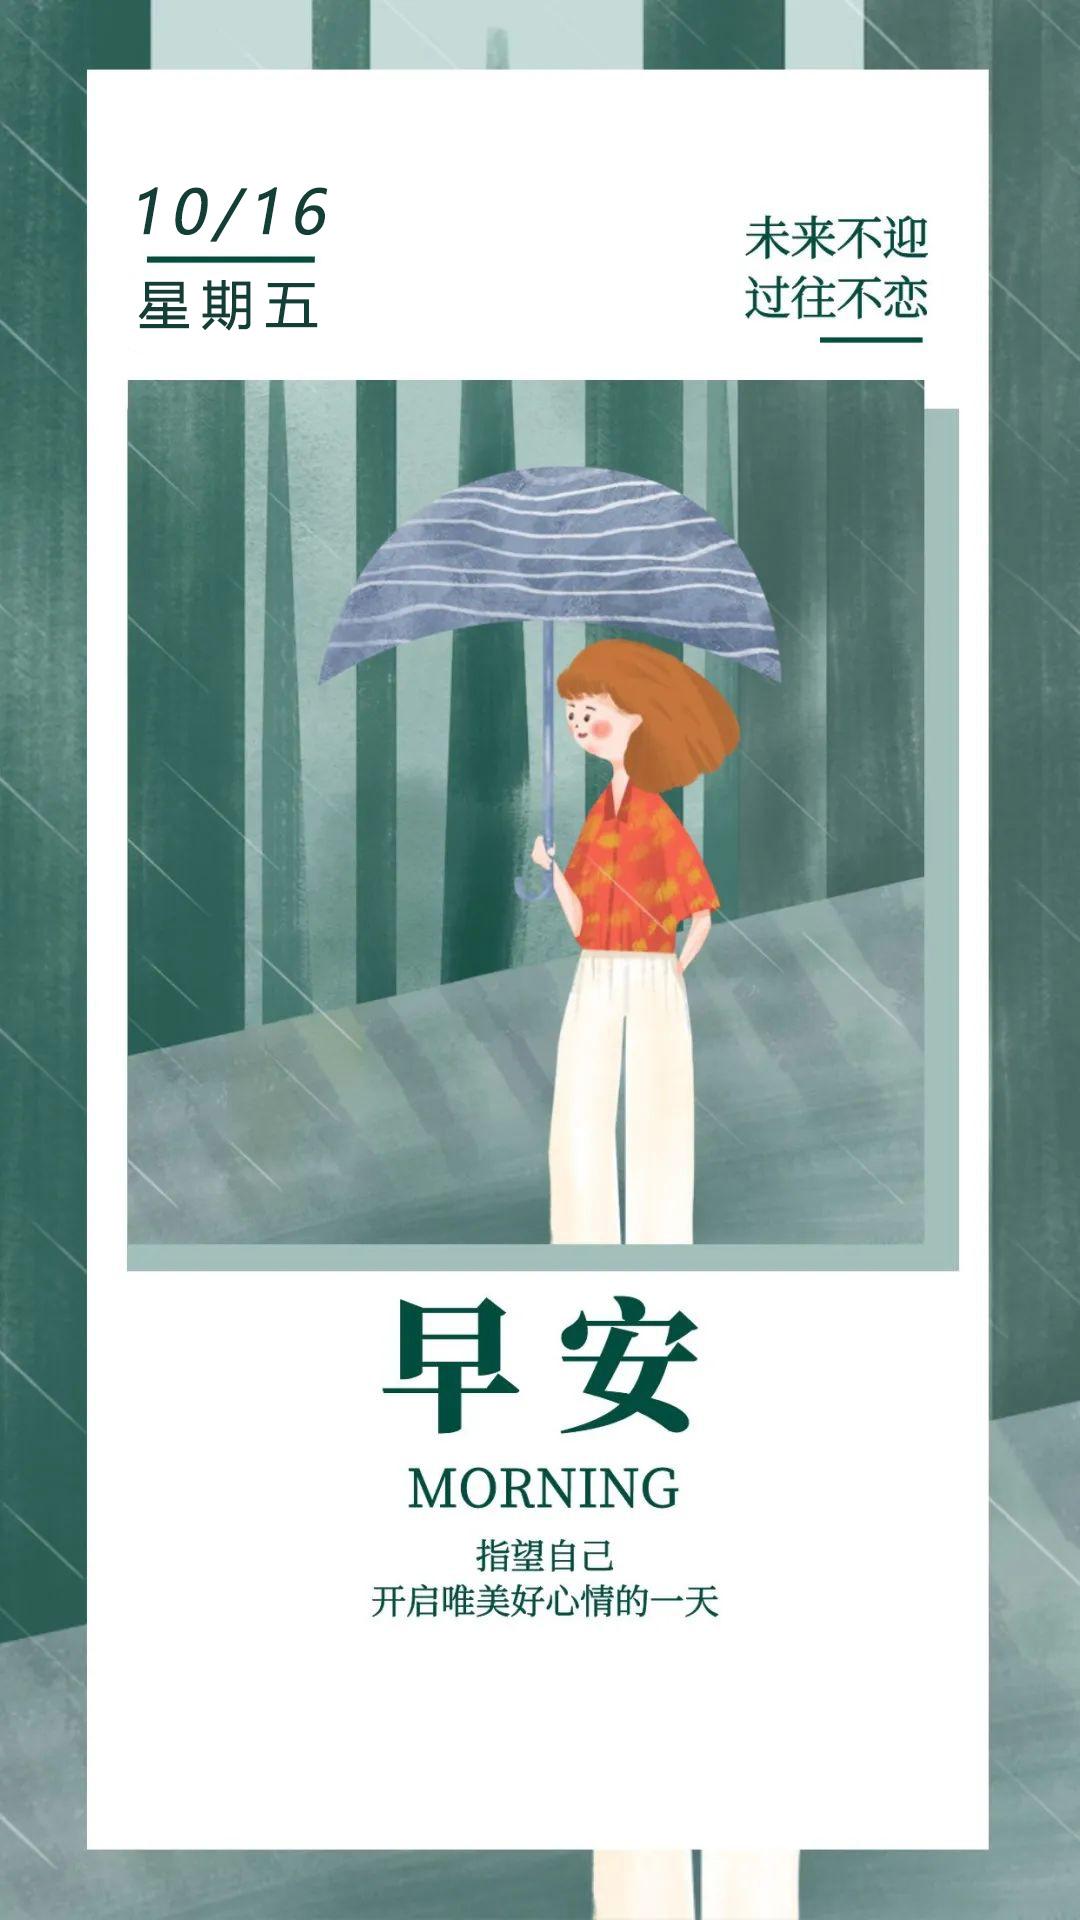 正能量周五早晨祝福语句配图片:唯有热爱,才能抵挡岁月漫长